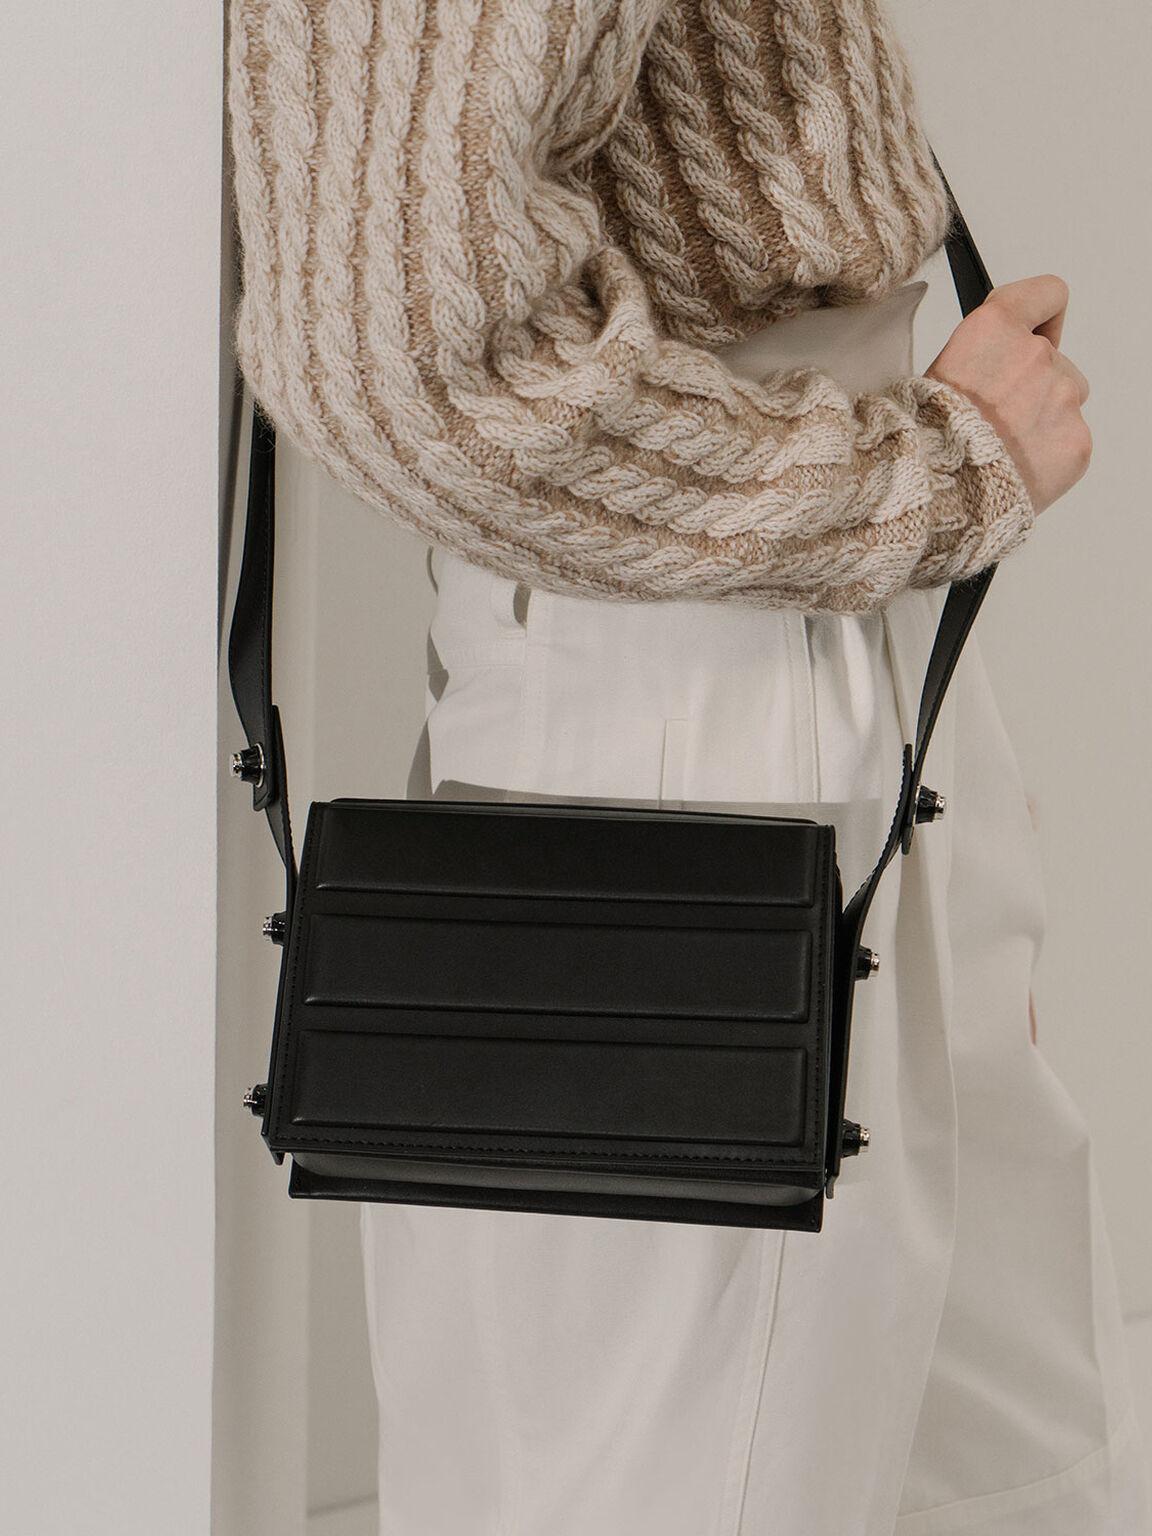 Eyelet-Embellished Top Handle Bag, Black, hi-res